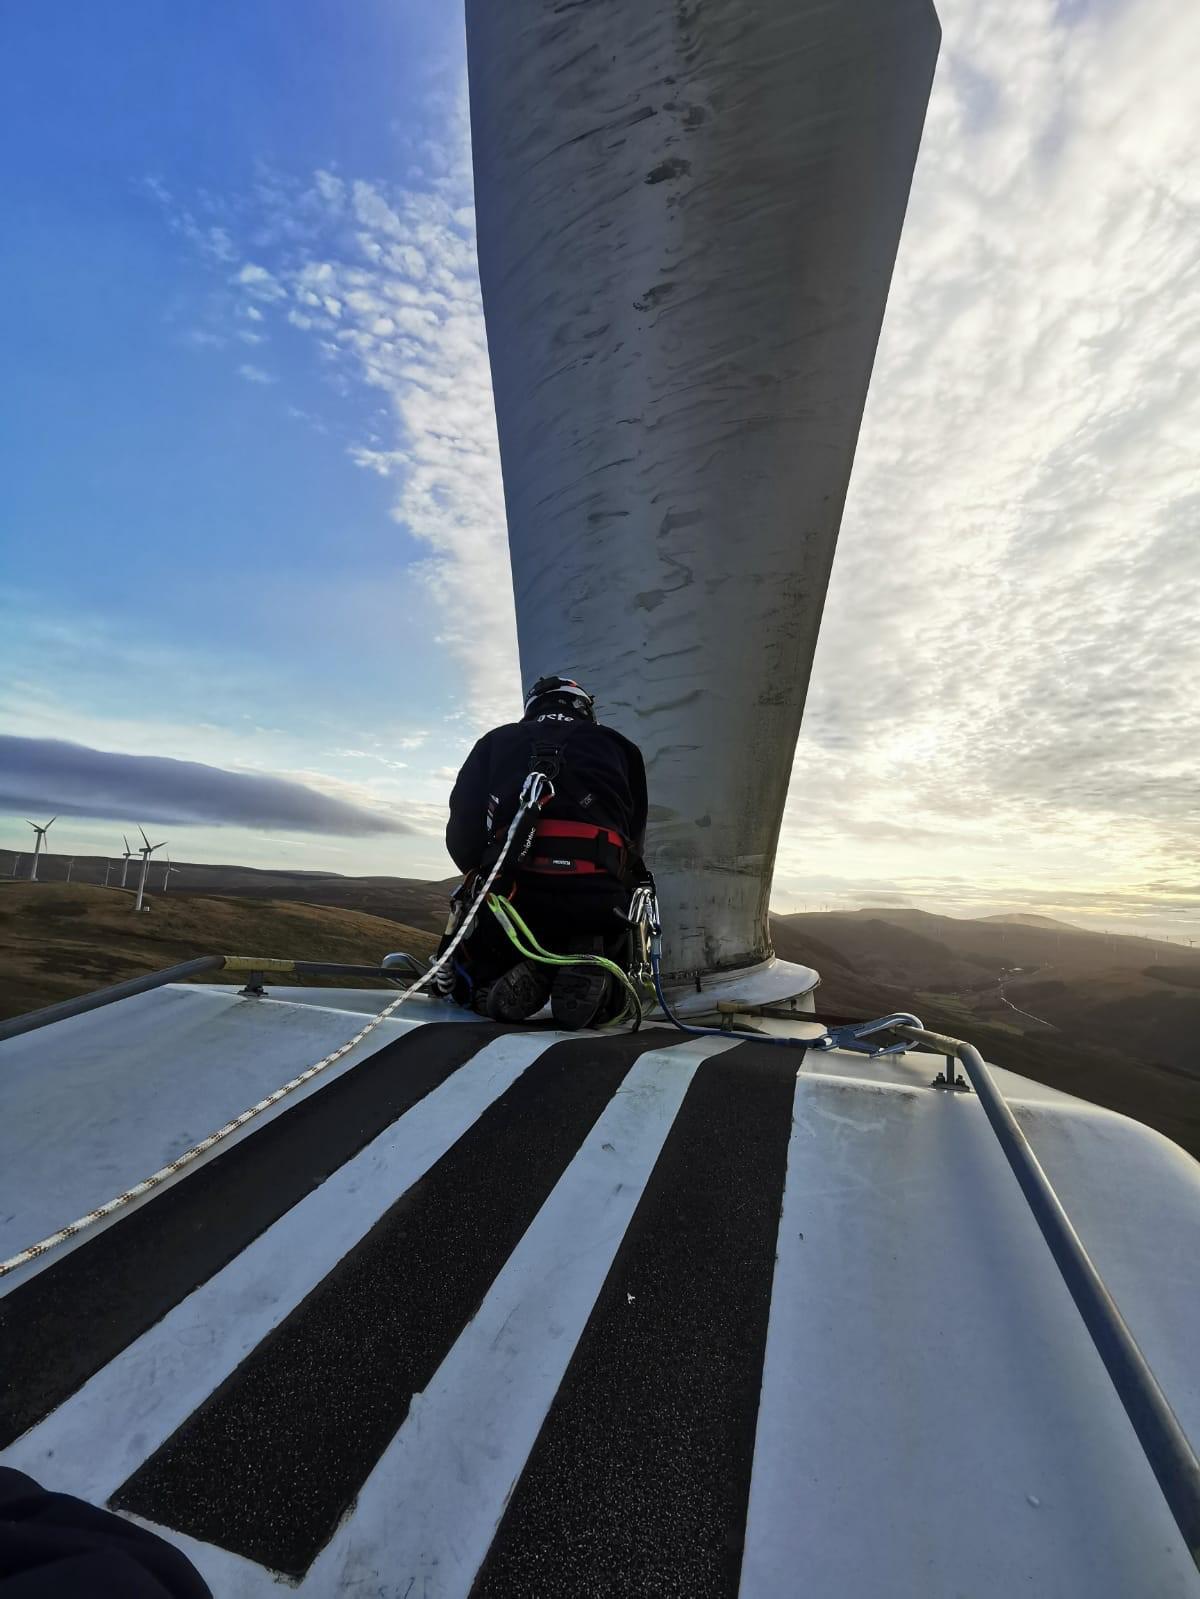 Ingeteam crece un 100% en operación y mantenimiento de energías renovables en Reino Unido